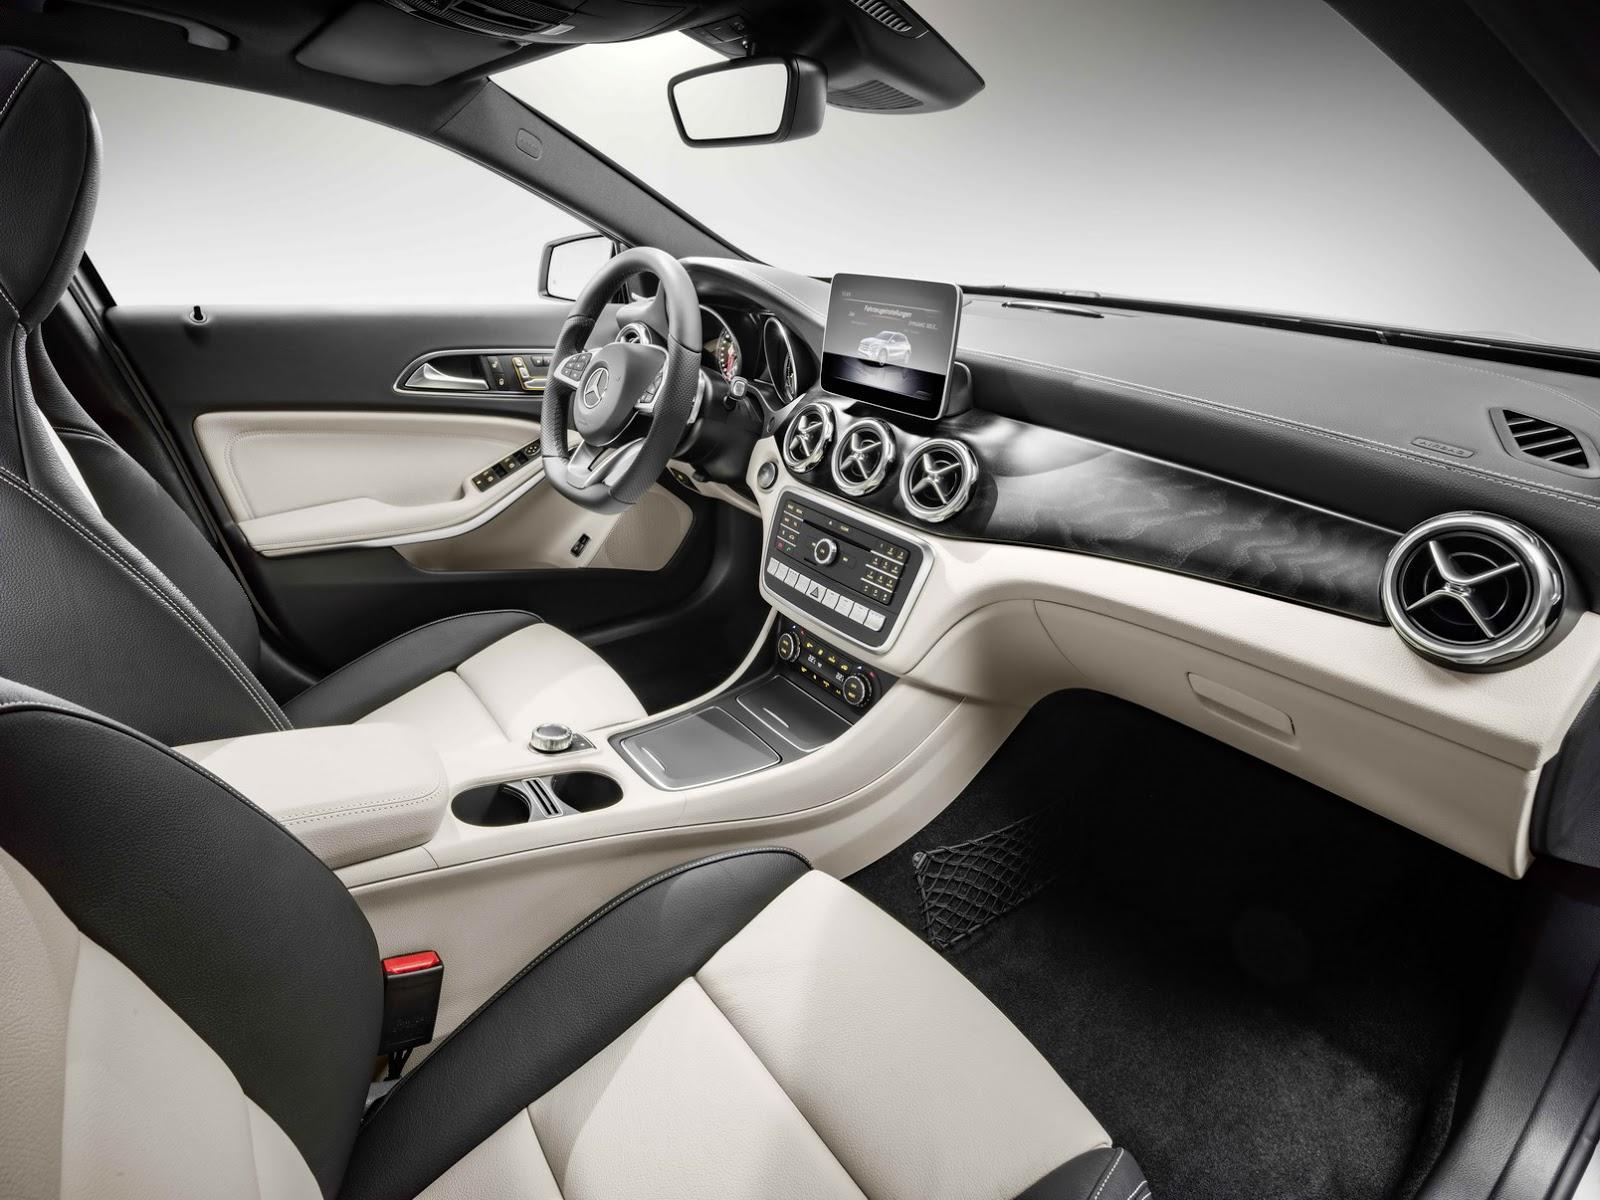 Mercedes GLA facelift and GLA 45 AMG facelift 2017 (60)